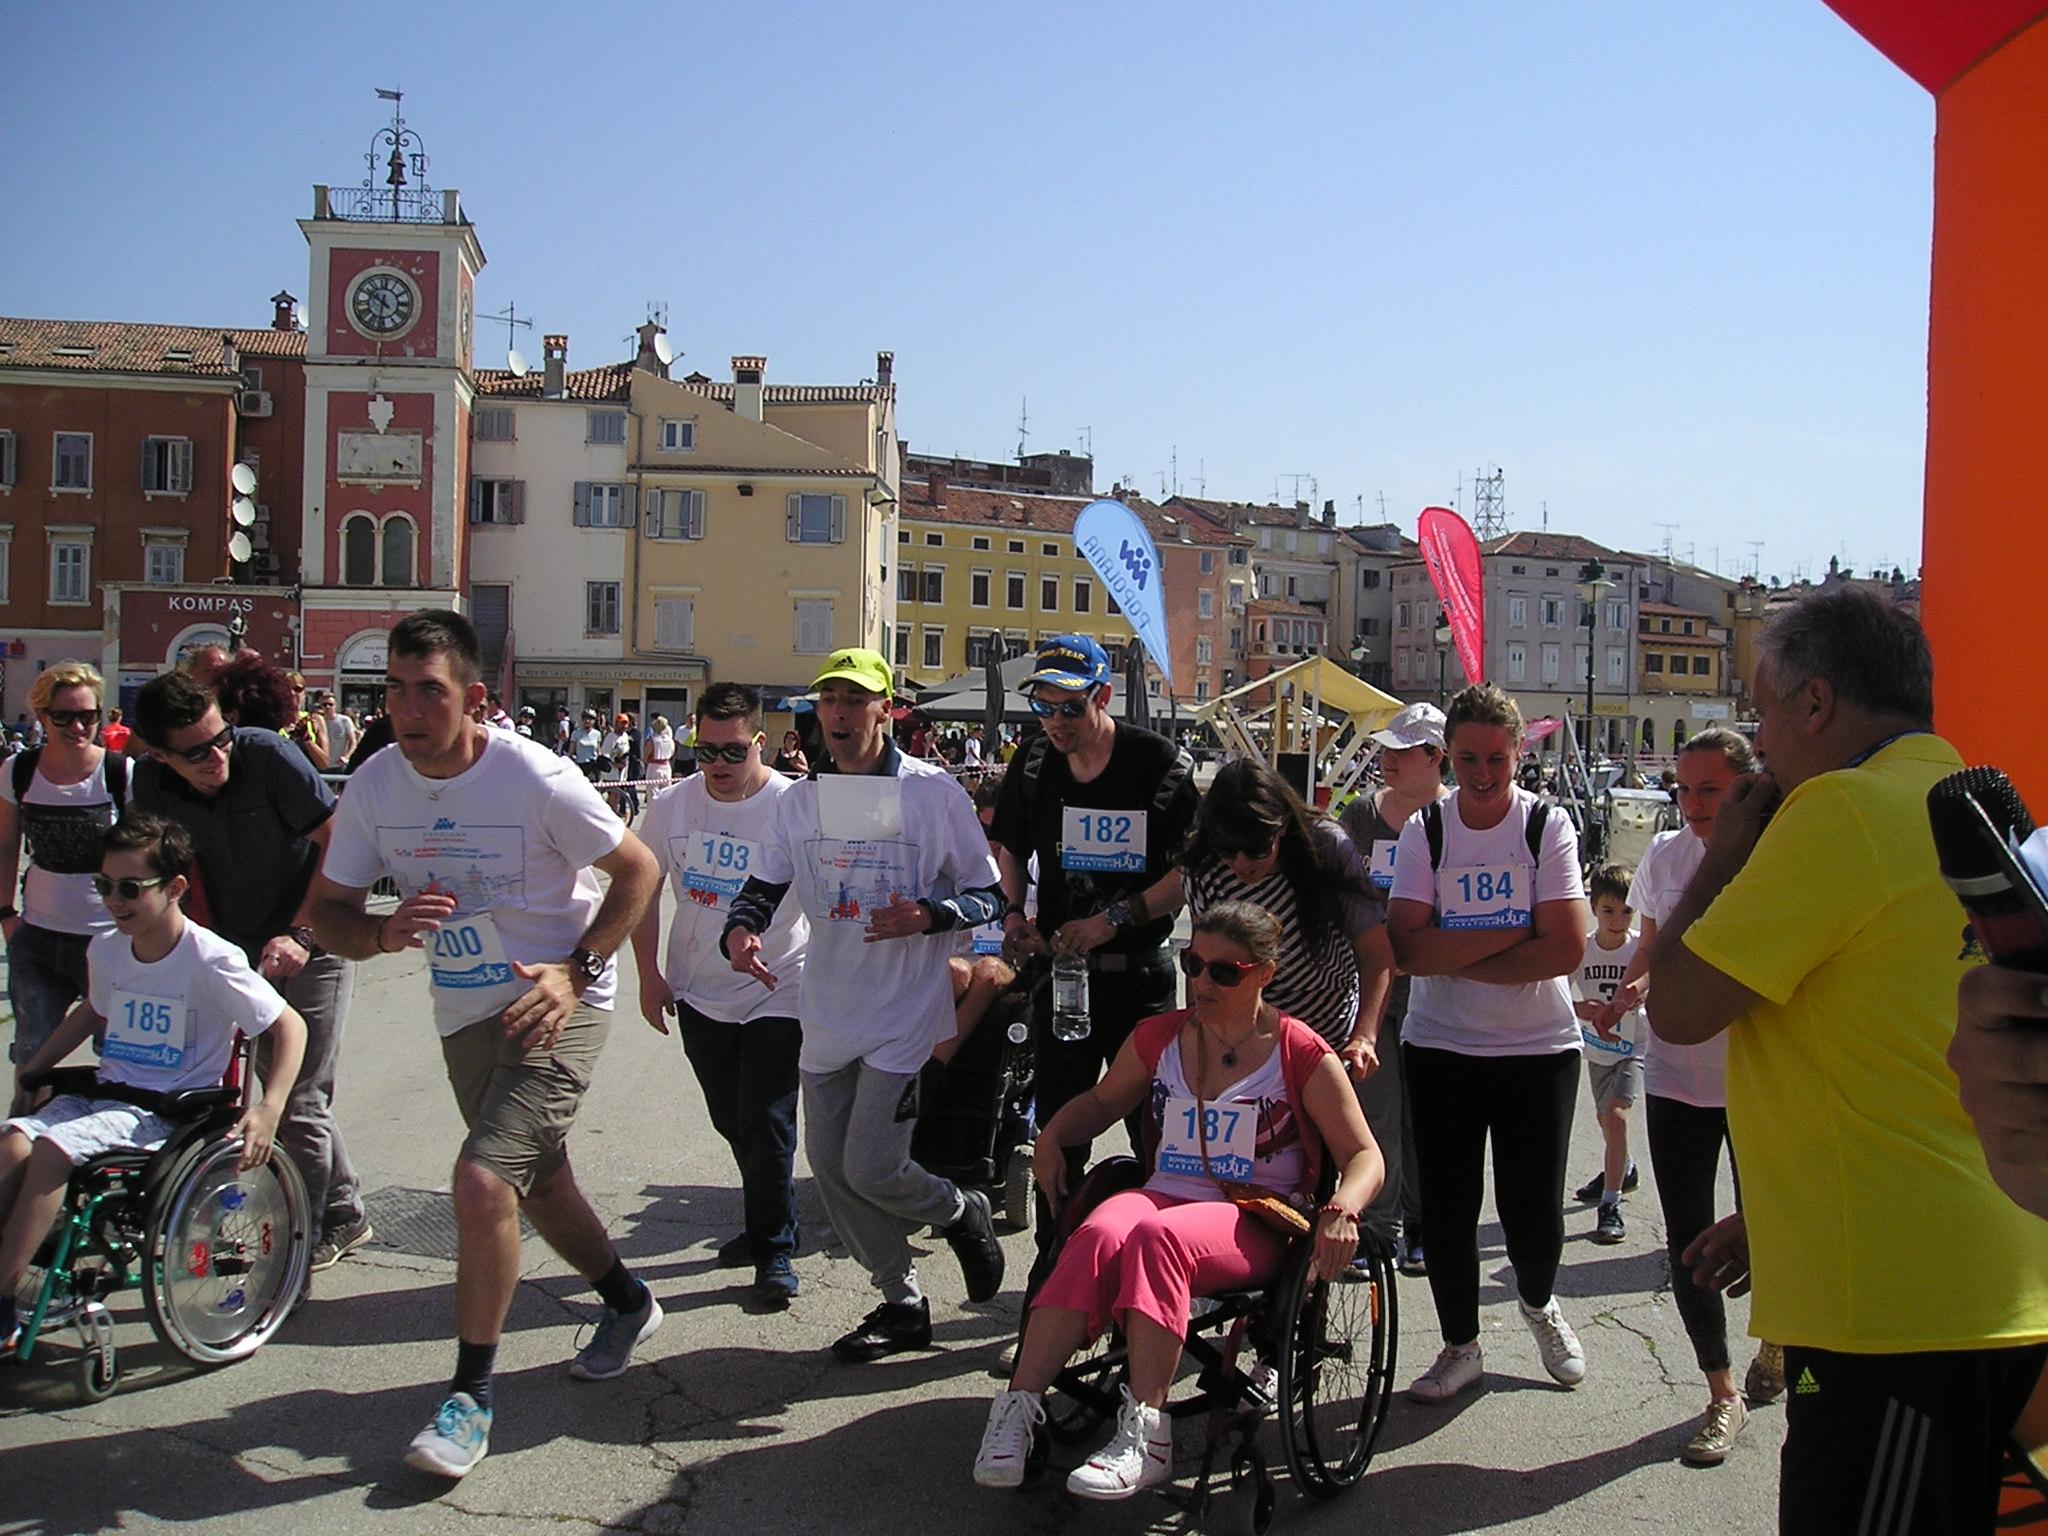 Popolana – Festival dello sport e della ricreazione, all'insegna del divertimento